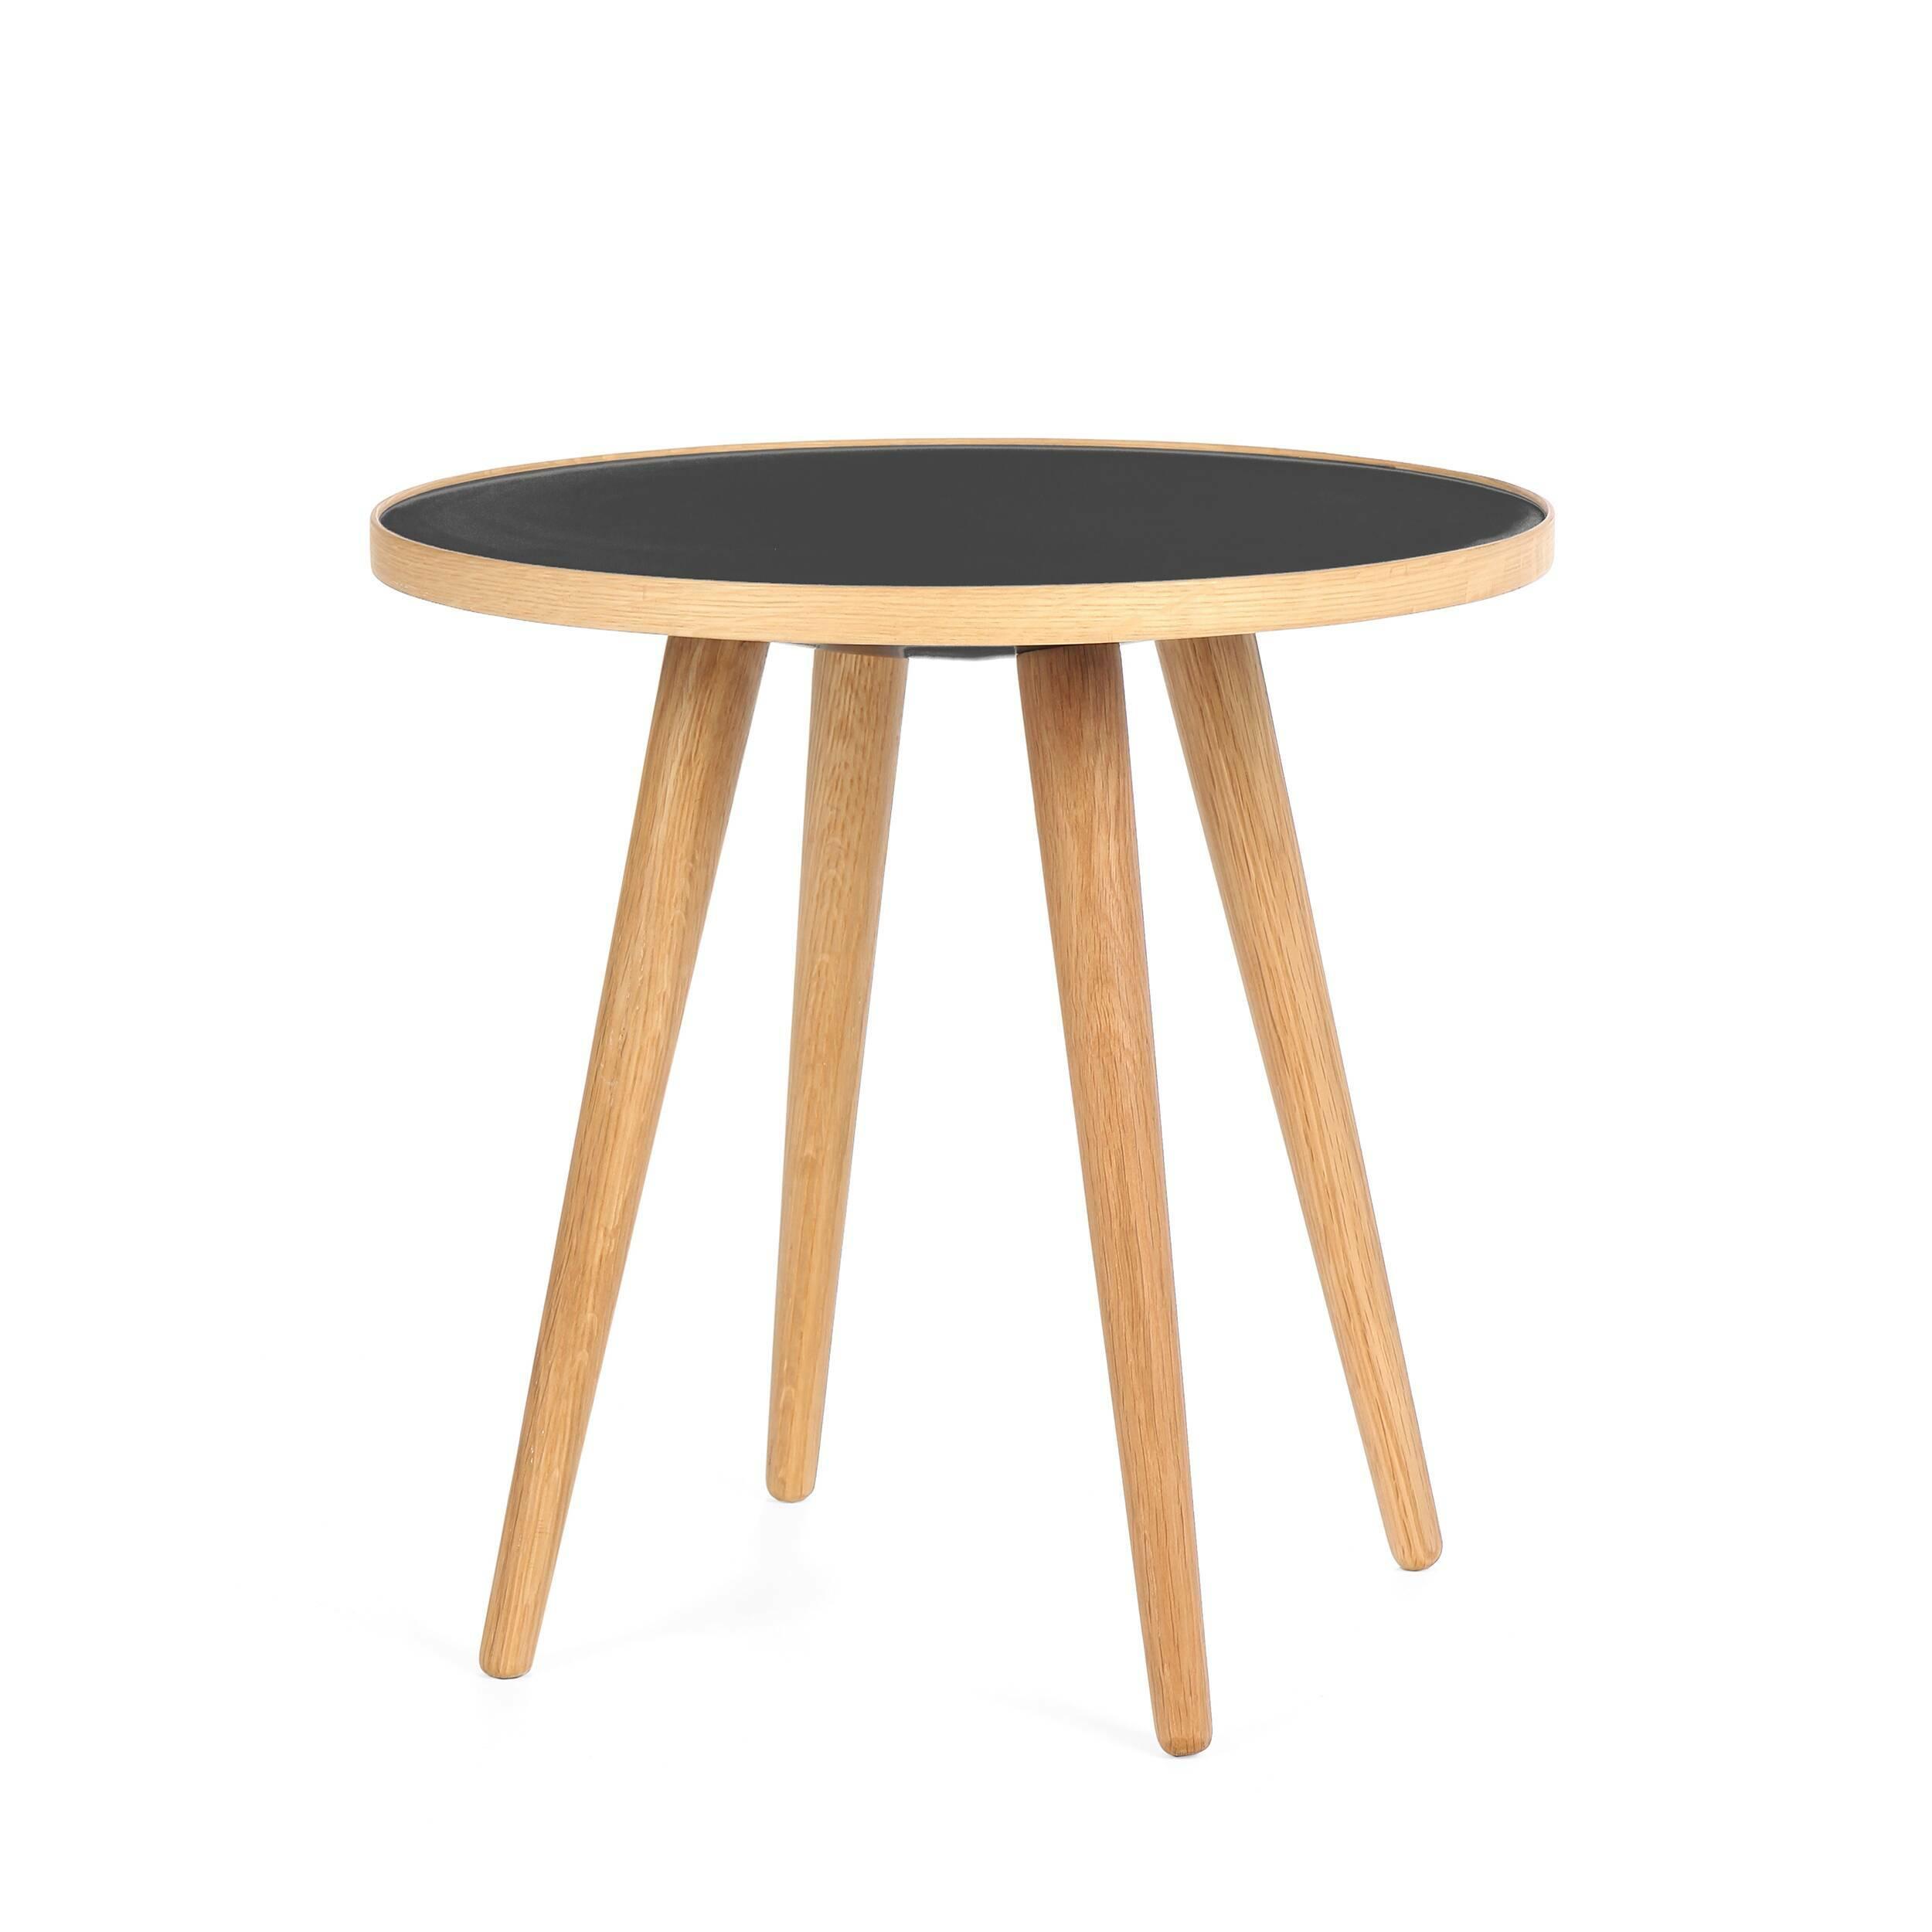 Кофейный стол Sputnik высота 40 диаметр 41Кофейные столики<br>Простые и чистые линии, интегрированные в ваш интерьер. Классическая столешница в форме круга добавляет красоты и изящества этому столу, который сочетается с разнообразными вариантами интерьерных стилей и может быть использован как в домах, так и офисах. Четыре ножки от стола вкручиваются в столешницу без специальных инструментов.<br><br><br> Кофейный стол Sputnik высота 40 диаметр 41, творение американского дизайнера с мировым именем Шона Дикса, обладает скульптурными качествами, при этом он у...<br><br>stock: 4<br>Высота: 40<br>Диаметр: 40,6<br>Цвет ножек: Белый дуб<br>Цвет столешницы: Черный<br>Материал ножек: Массив дуба<br>Тип материала столешницы: Пластик<br>Тип материала ножек: Дерево